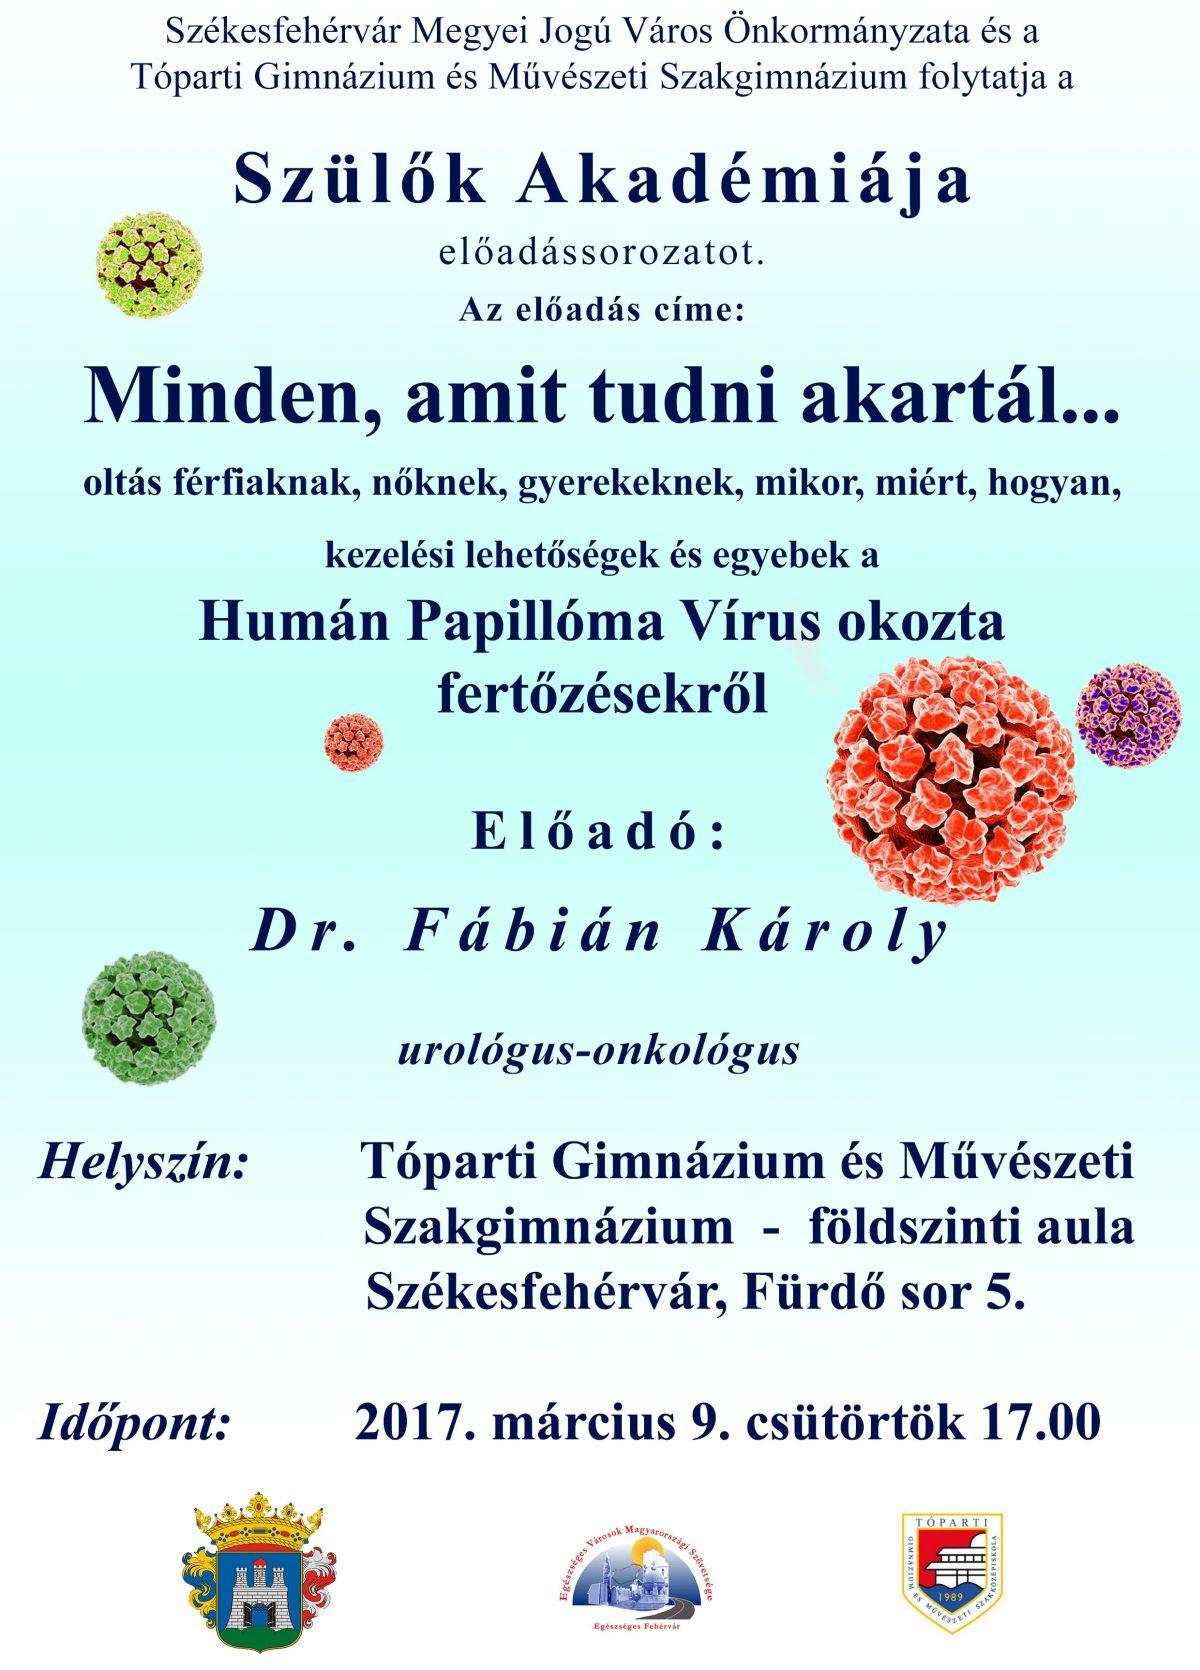 papilloma oltási vírus gyermekek)